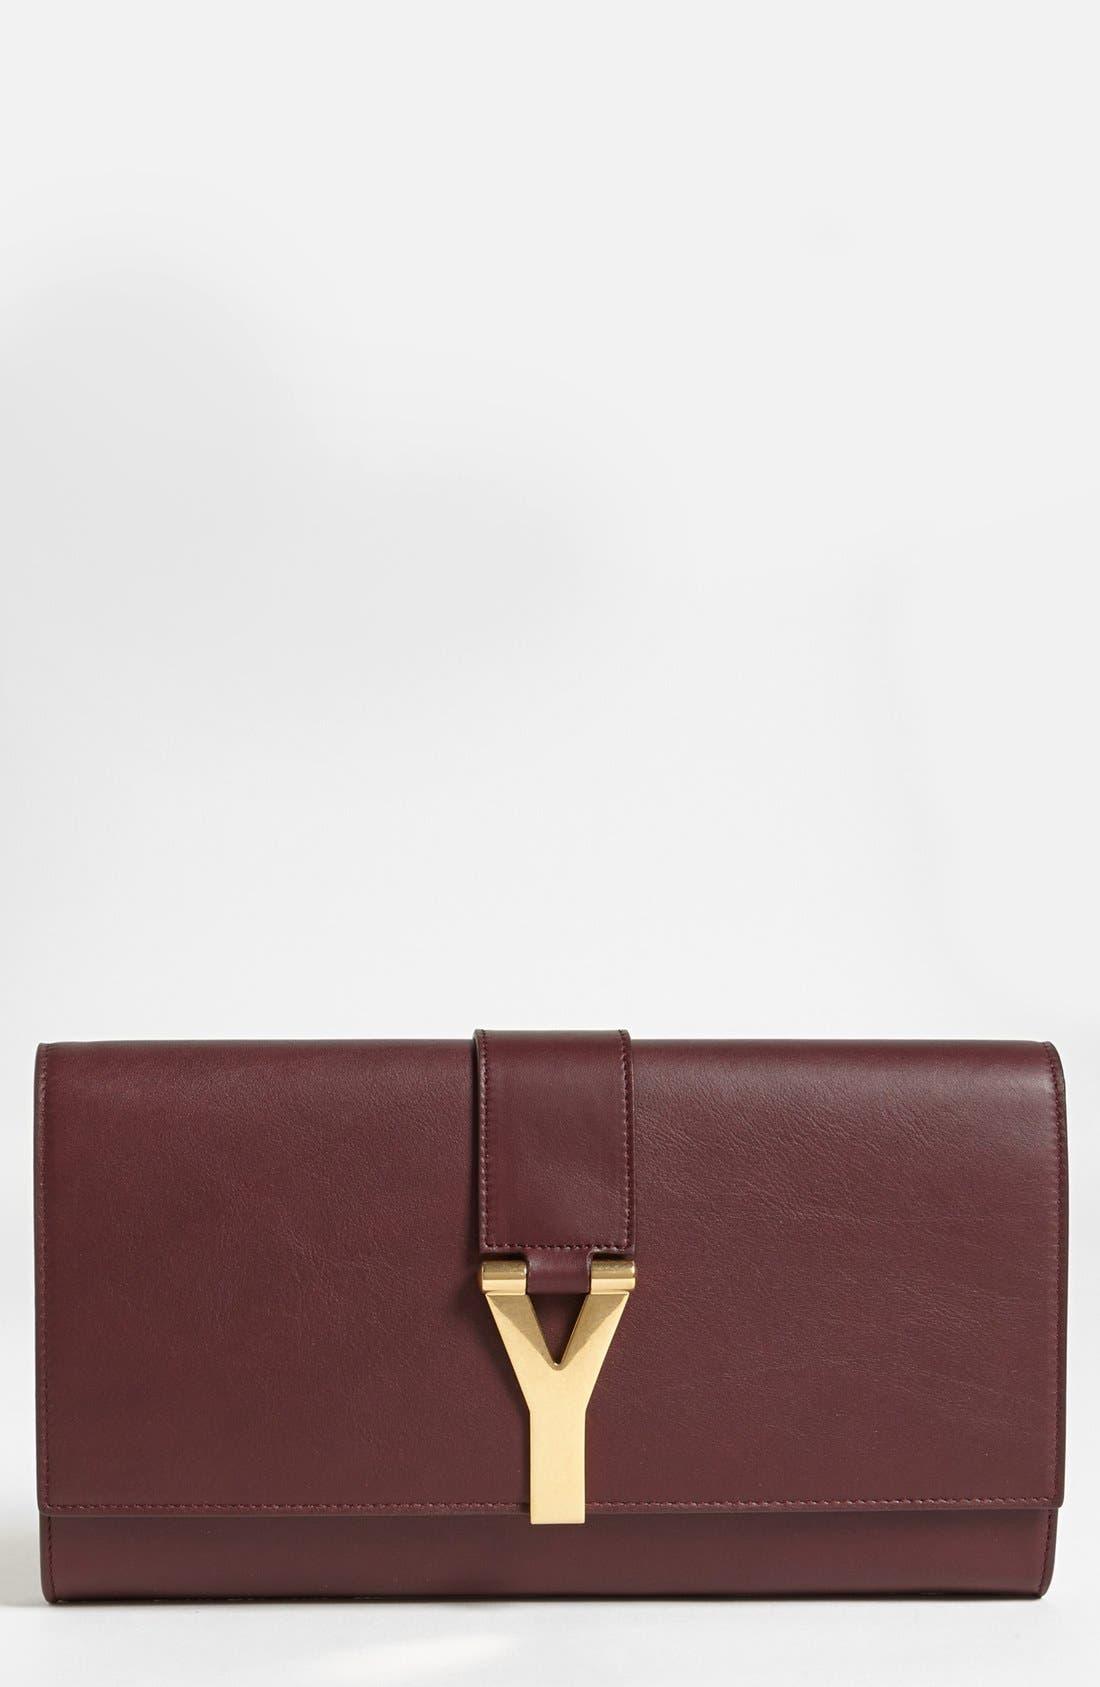 Main Image - Saint Laurent 'Y' Leather Clutch